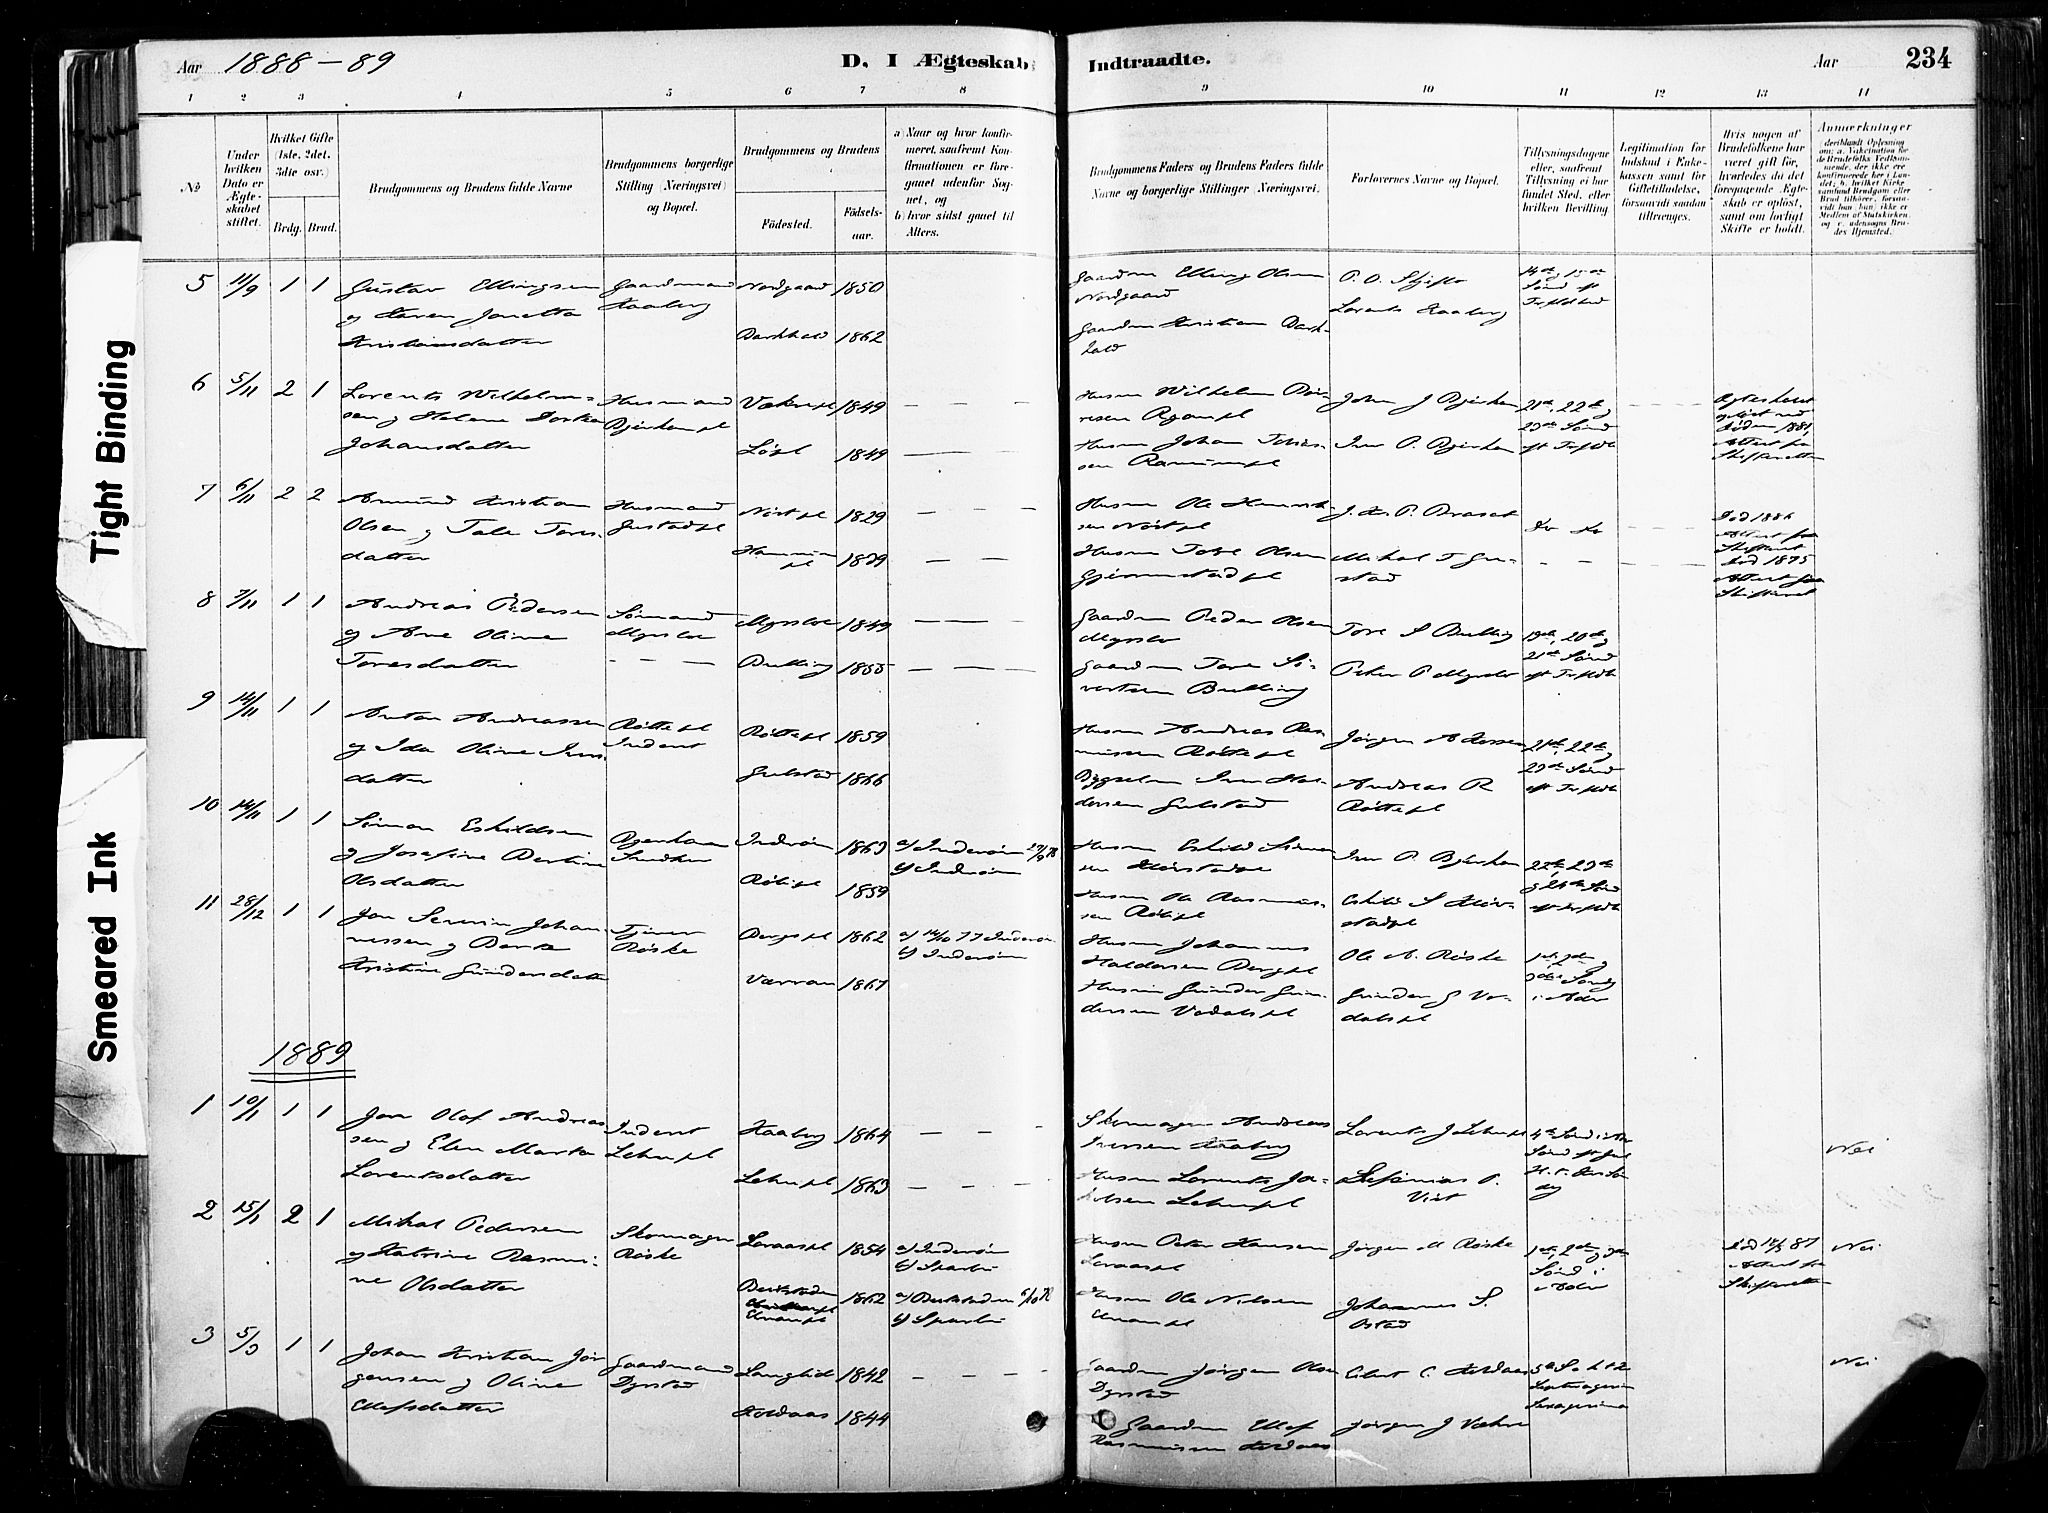 SAT, Ministerialprotokoller, klokkerbøker og fødselsregistre - Nord-Trøndelag, 735/L0351: Ministerialbok nr. 735A10, 1884-1908, s. 234